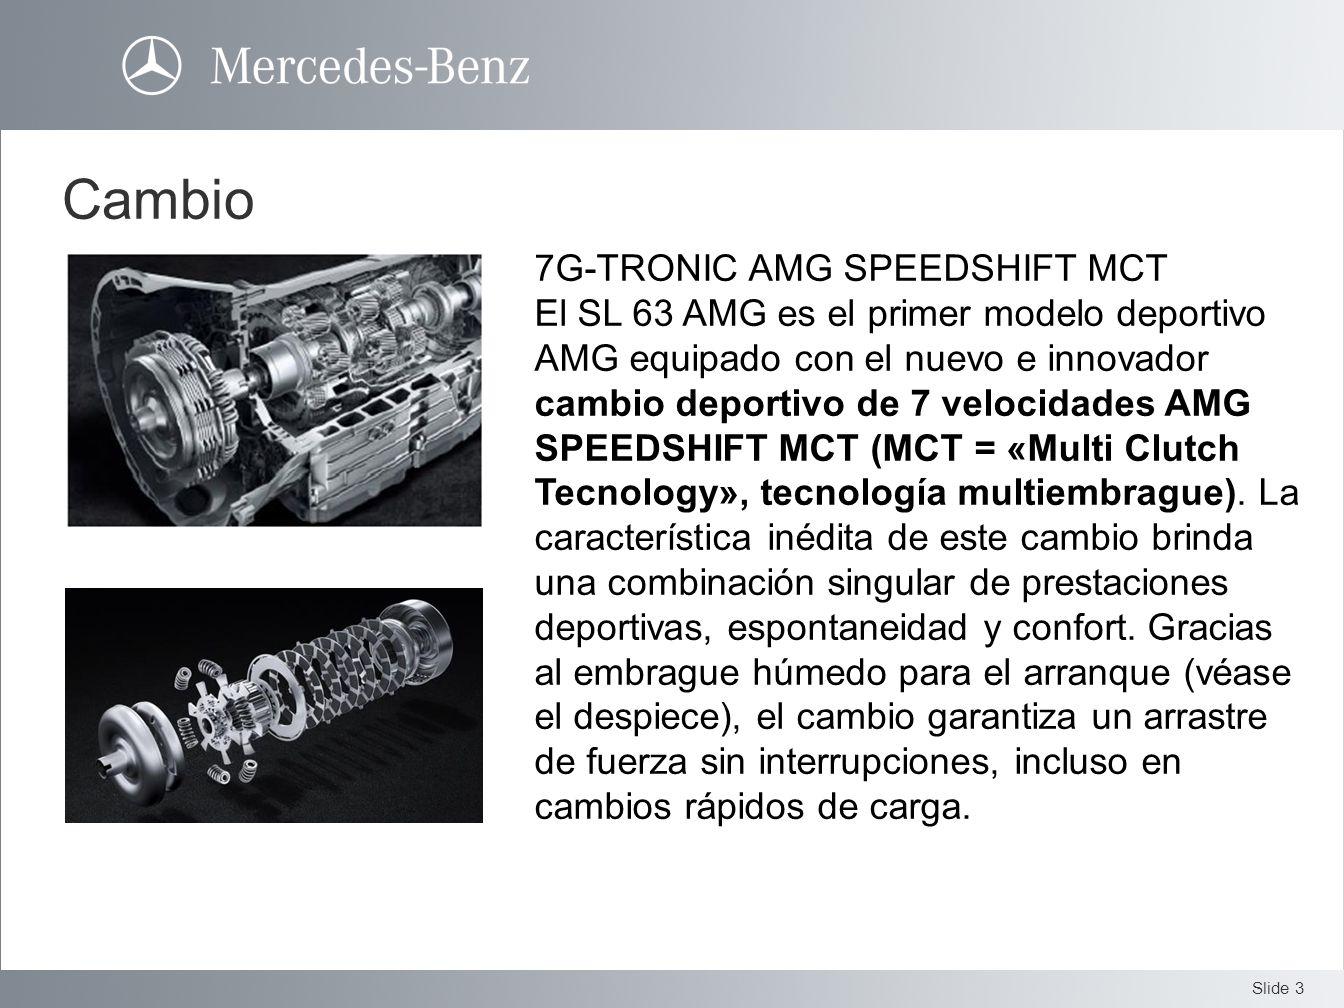 Slide 3 Cambio 7G-TRONIC AMG SPEEDSHIFT MCT El SL 63 AMG es el primer modelo deportivo AMG equipado con el nuevo e innovador cambio deportivo de 7 vel